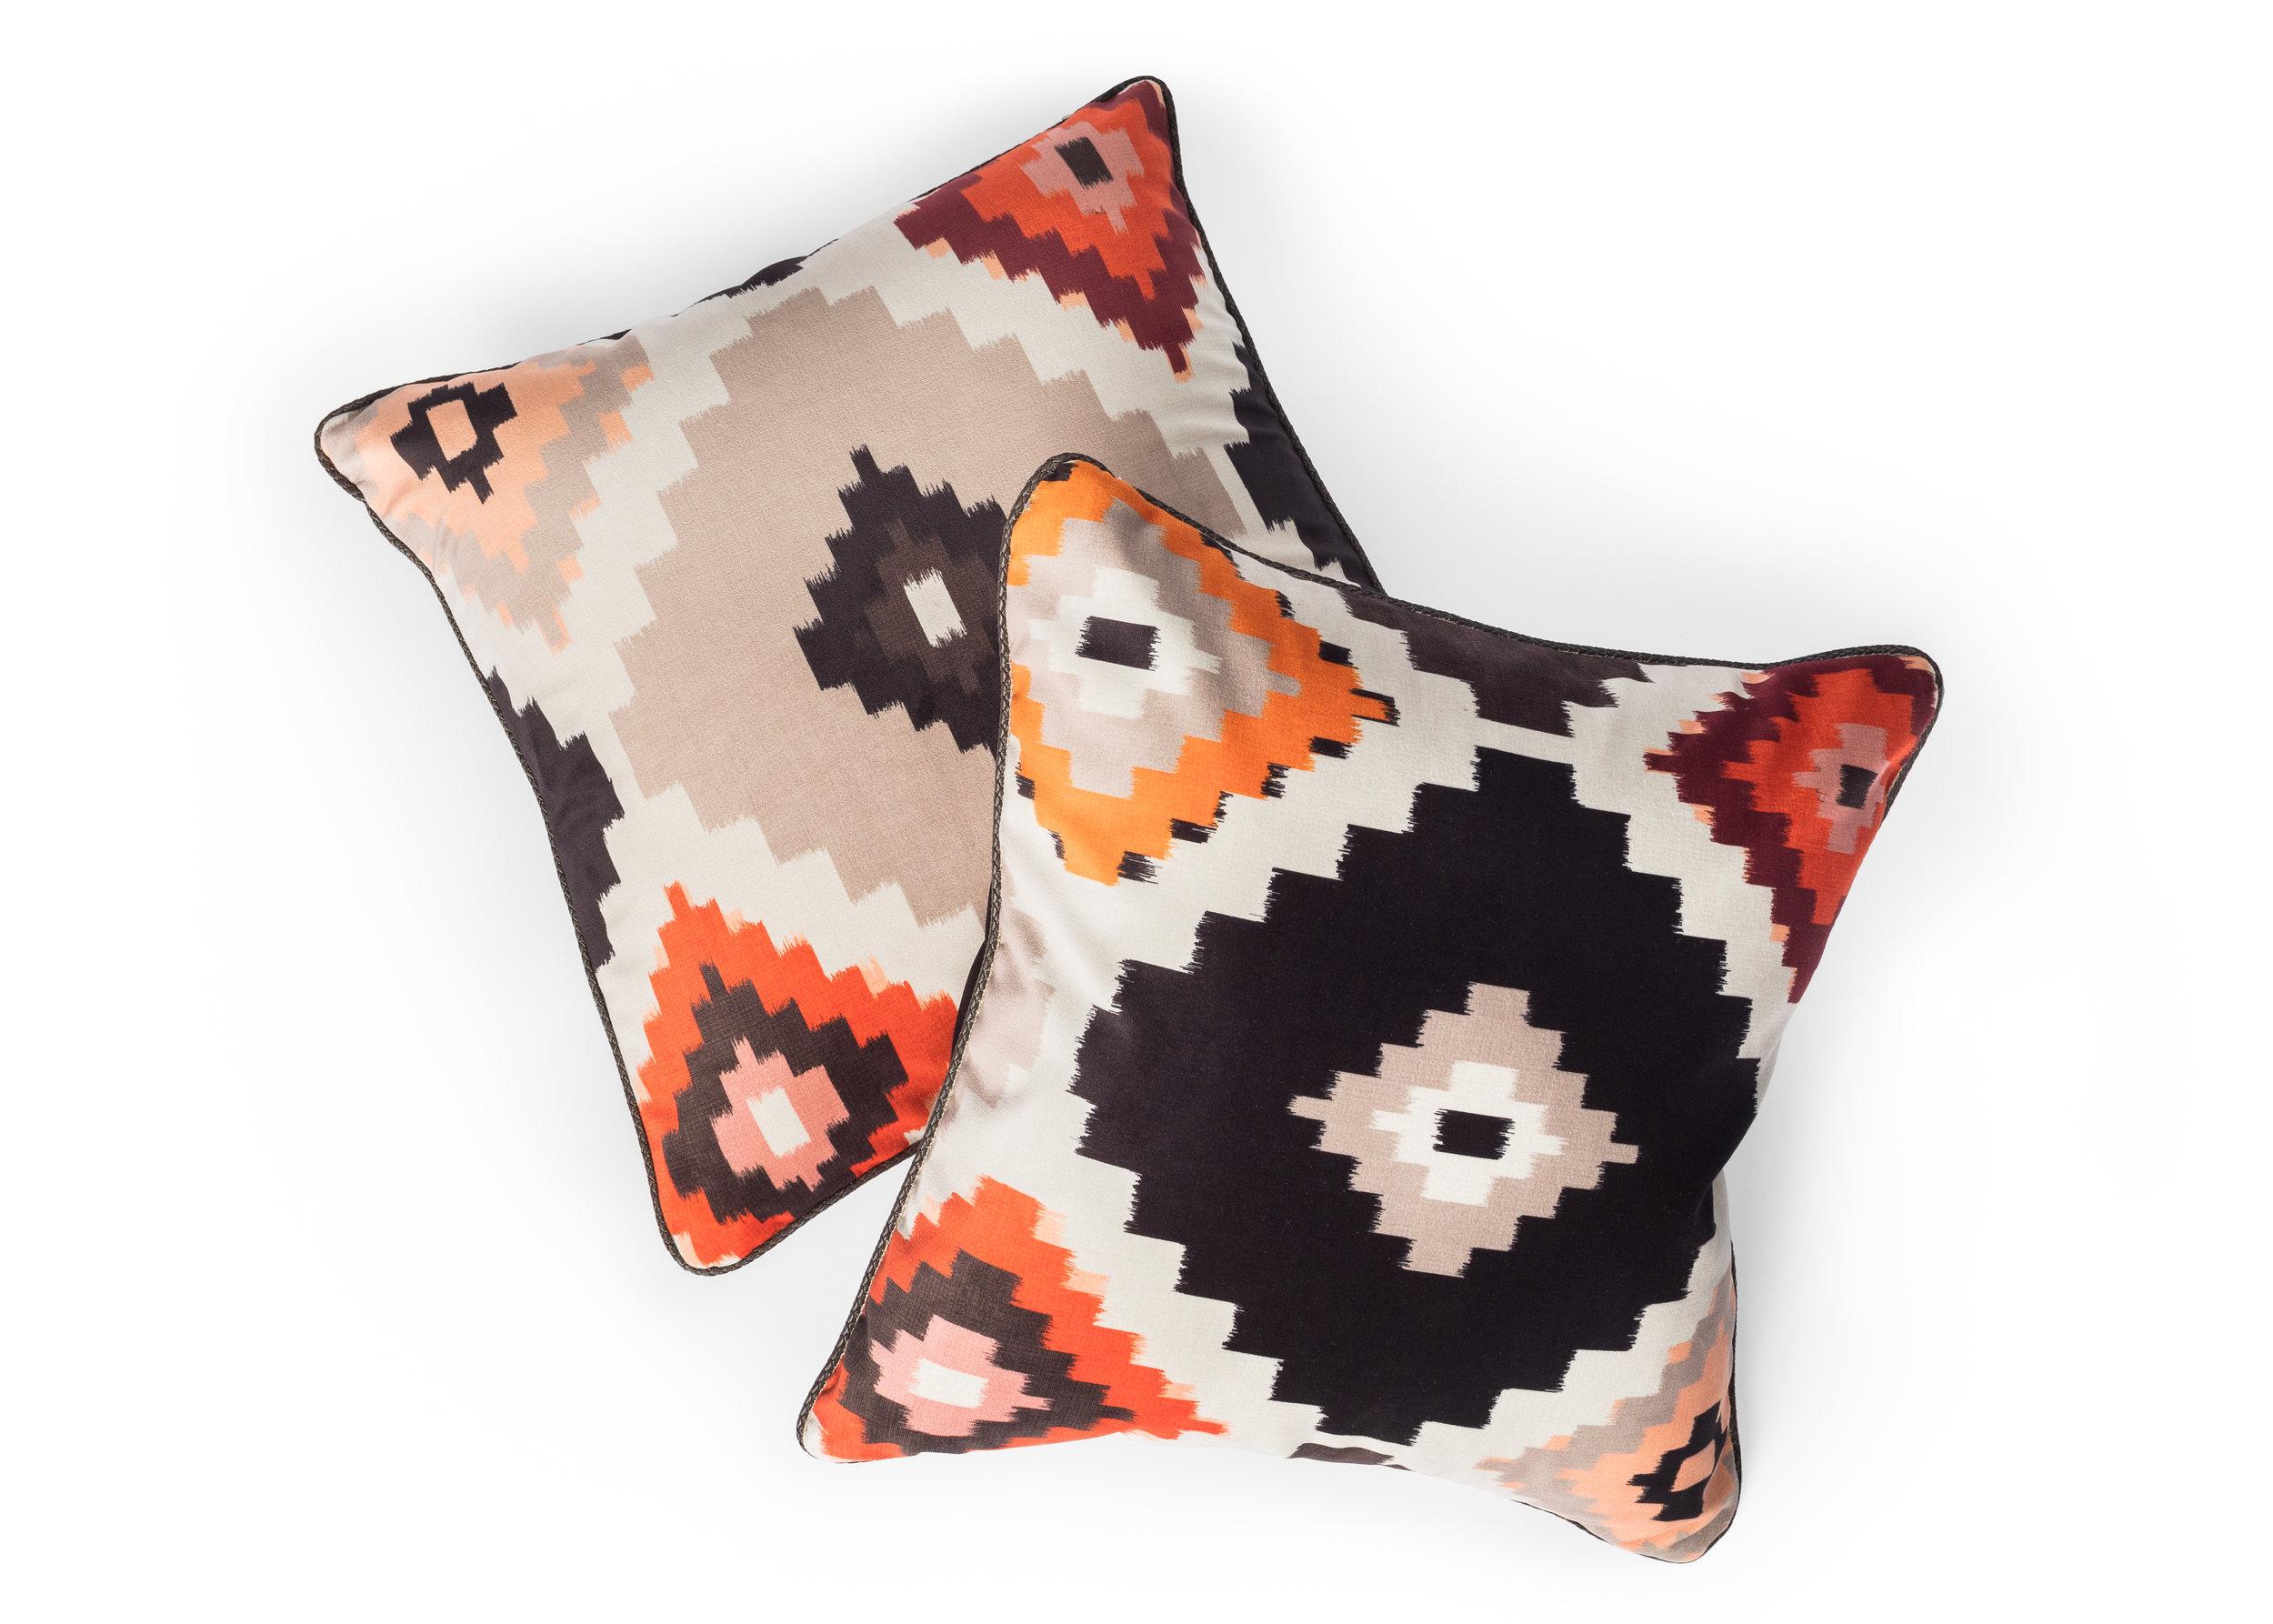 Birds Eye Pillows